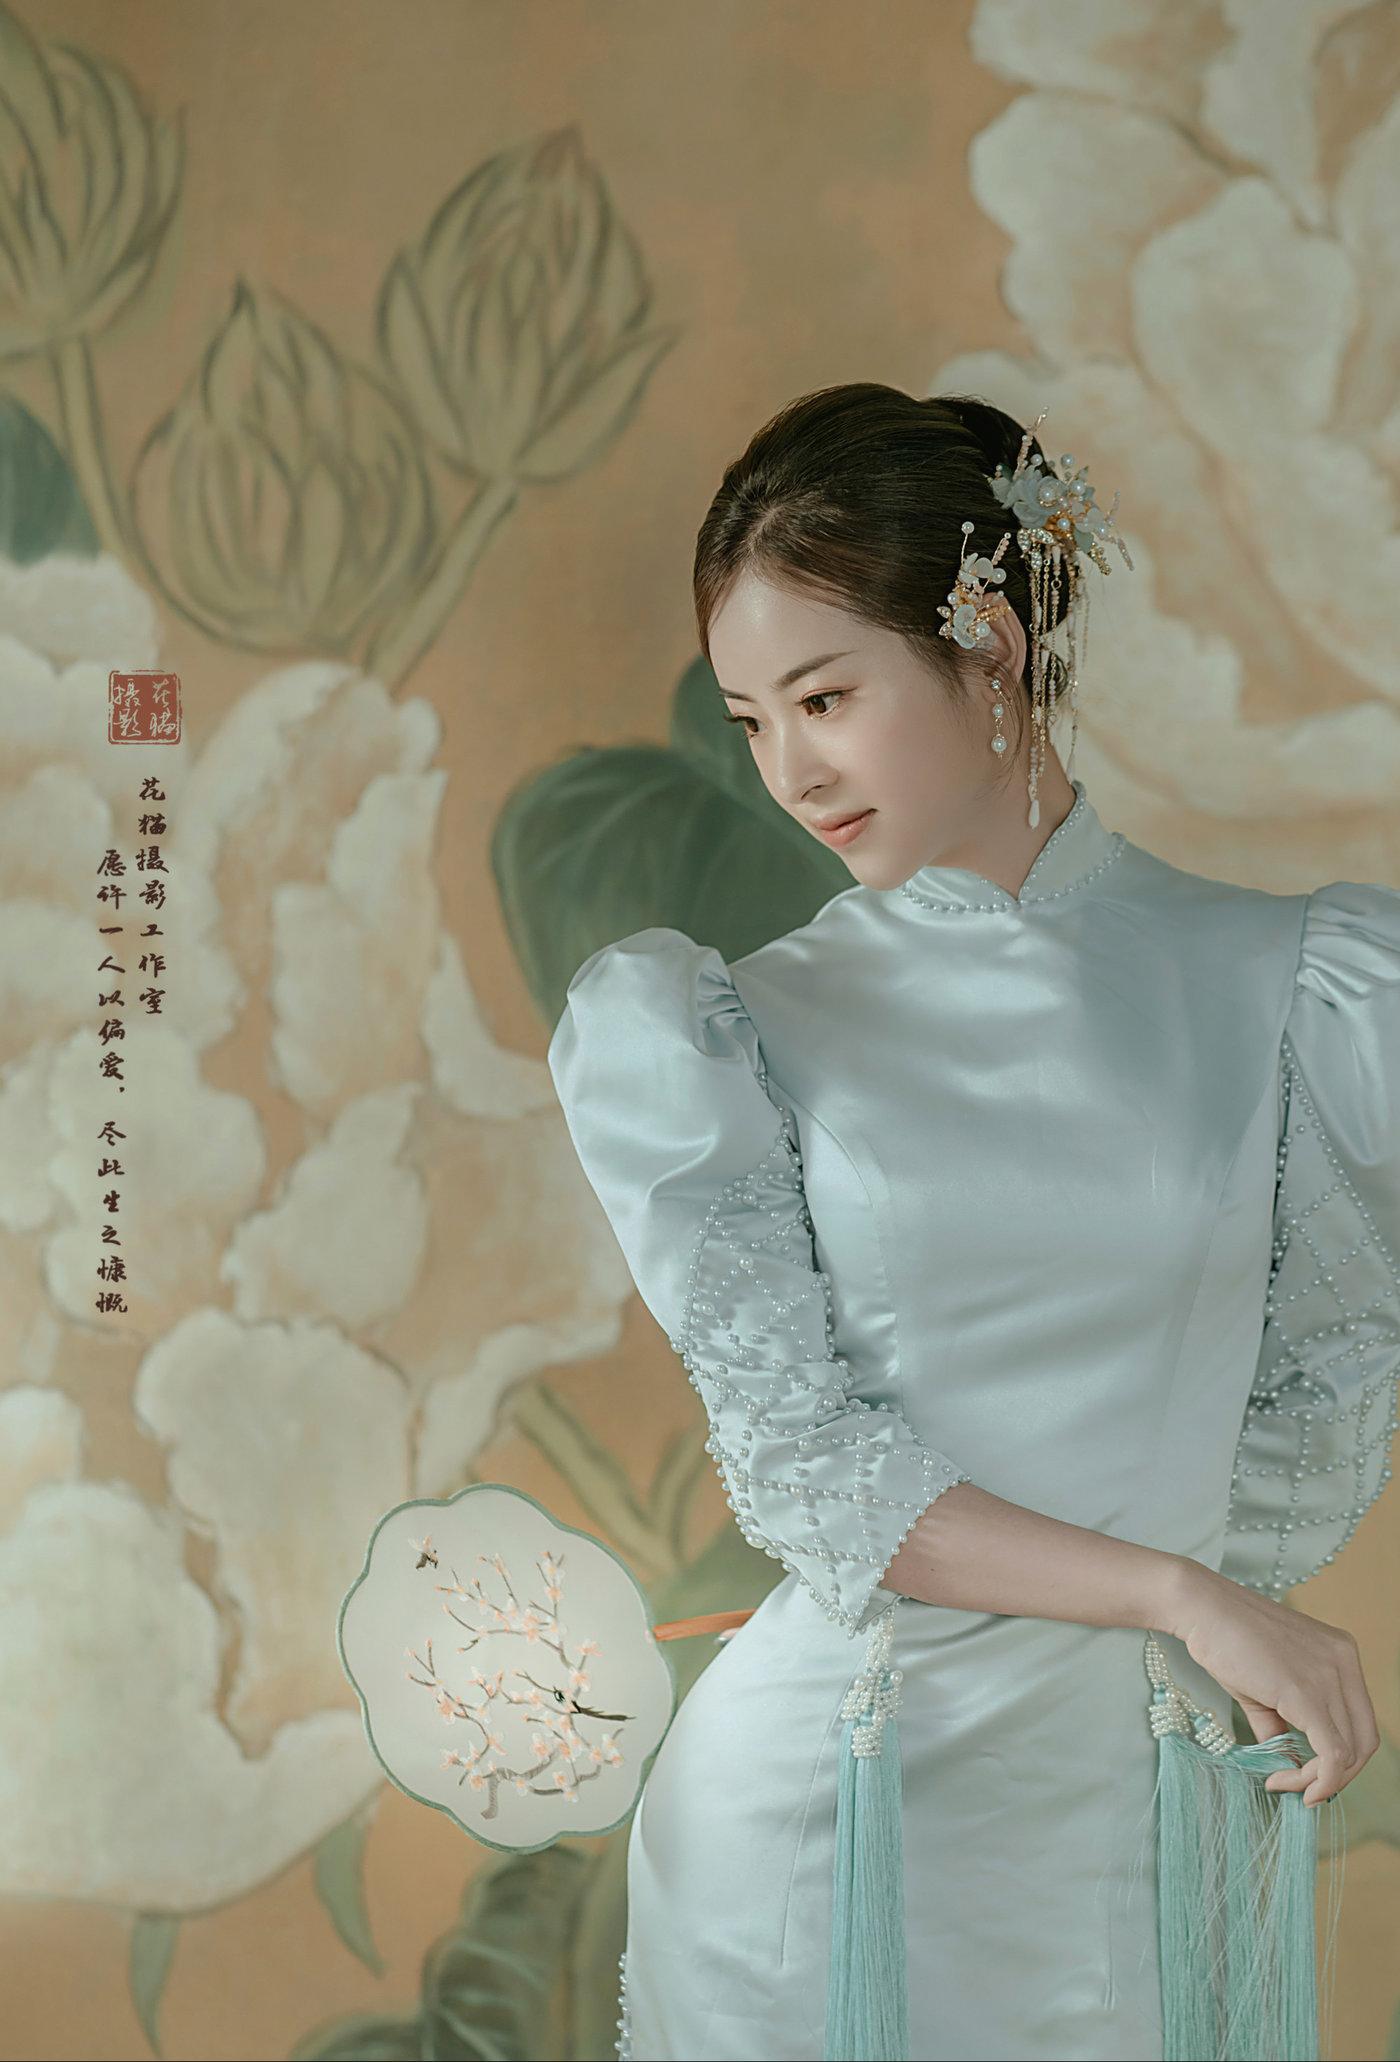 小家碧玉温婉情韵,一见倾心中式美学15